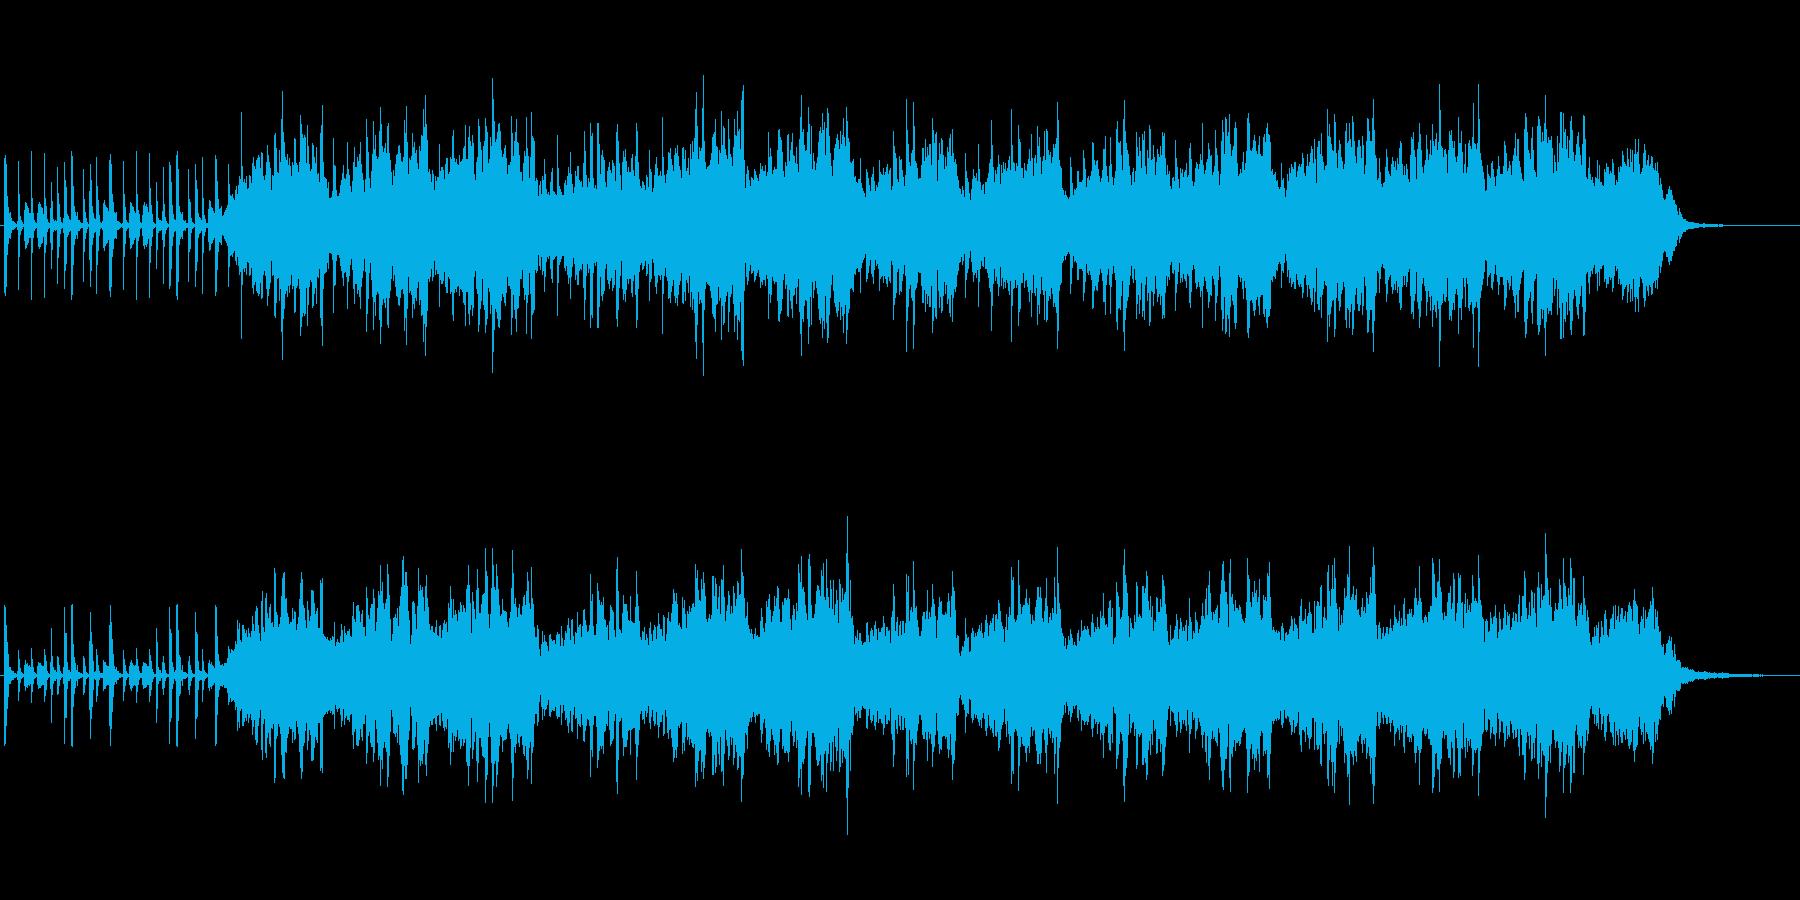 幻想的なシンセサウンドの再生済みの波形